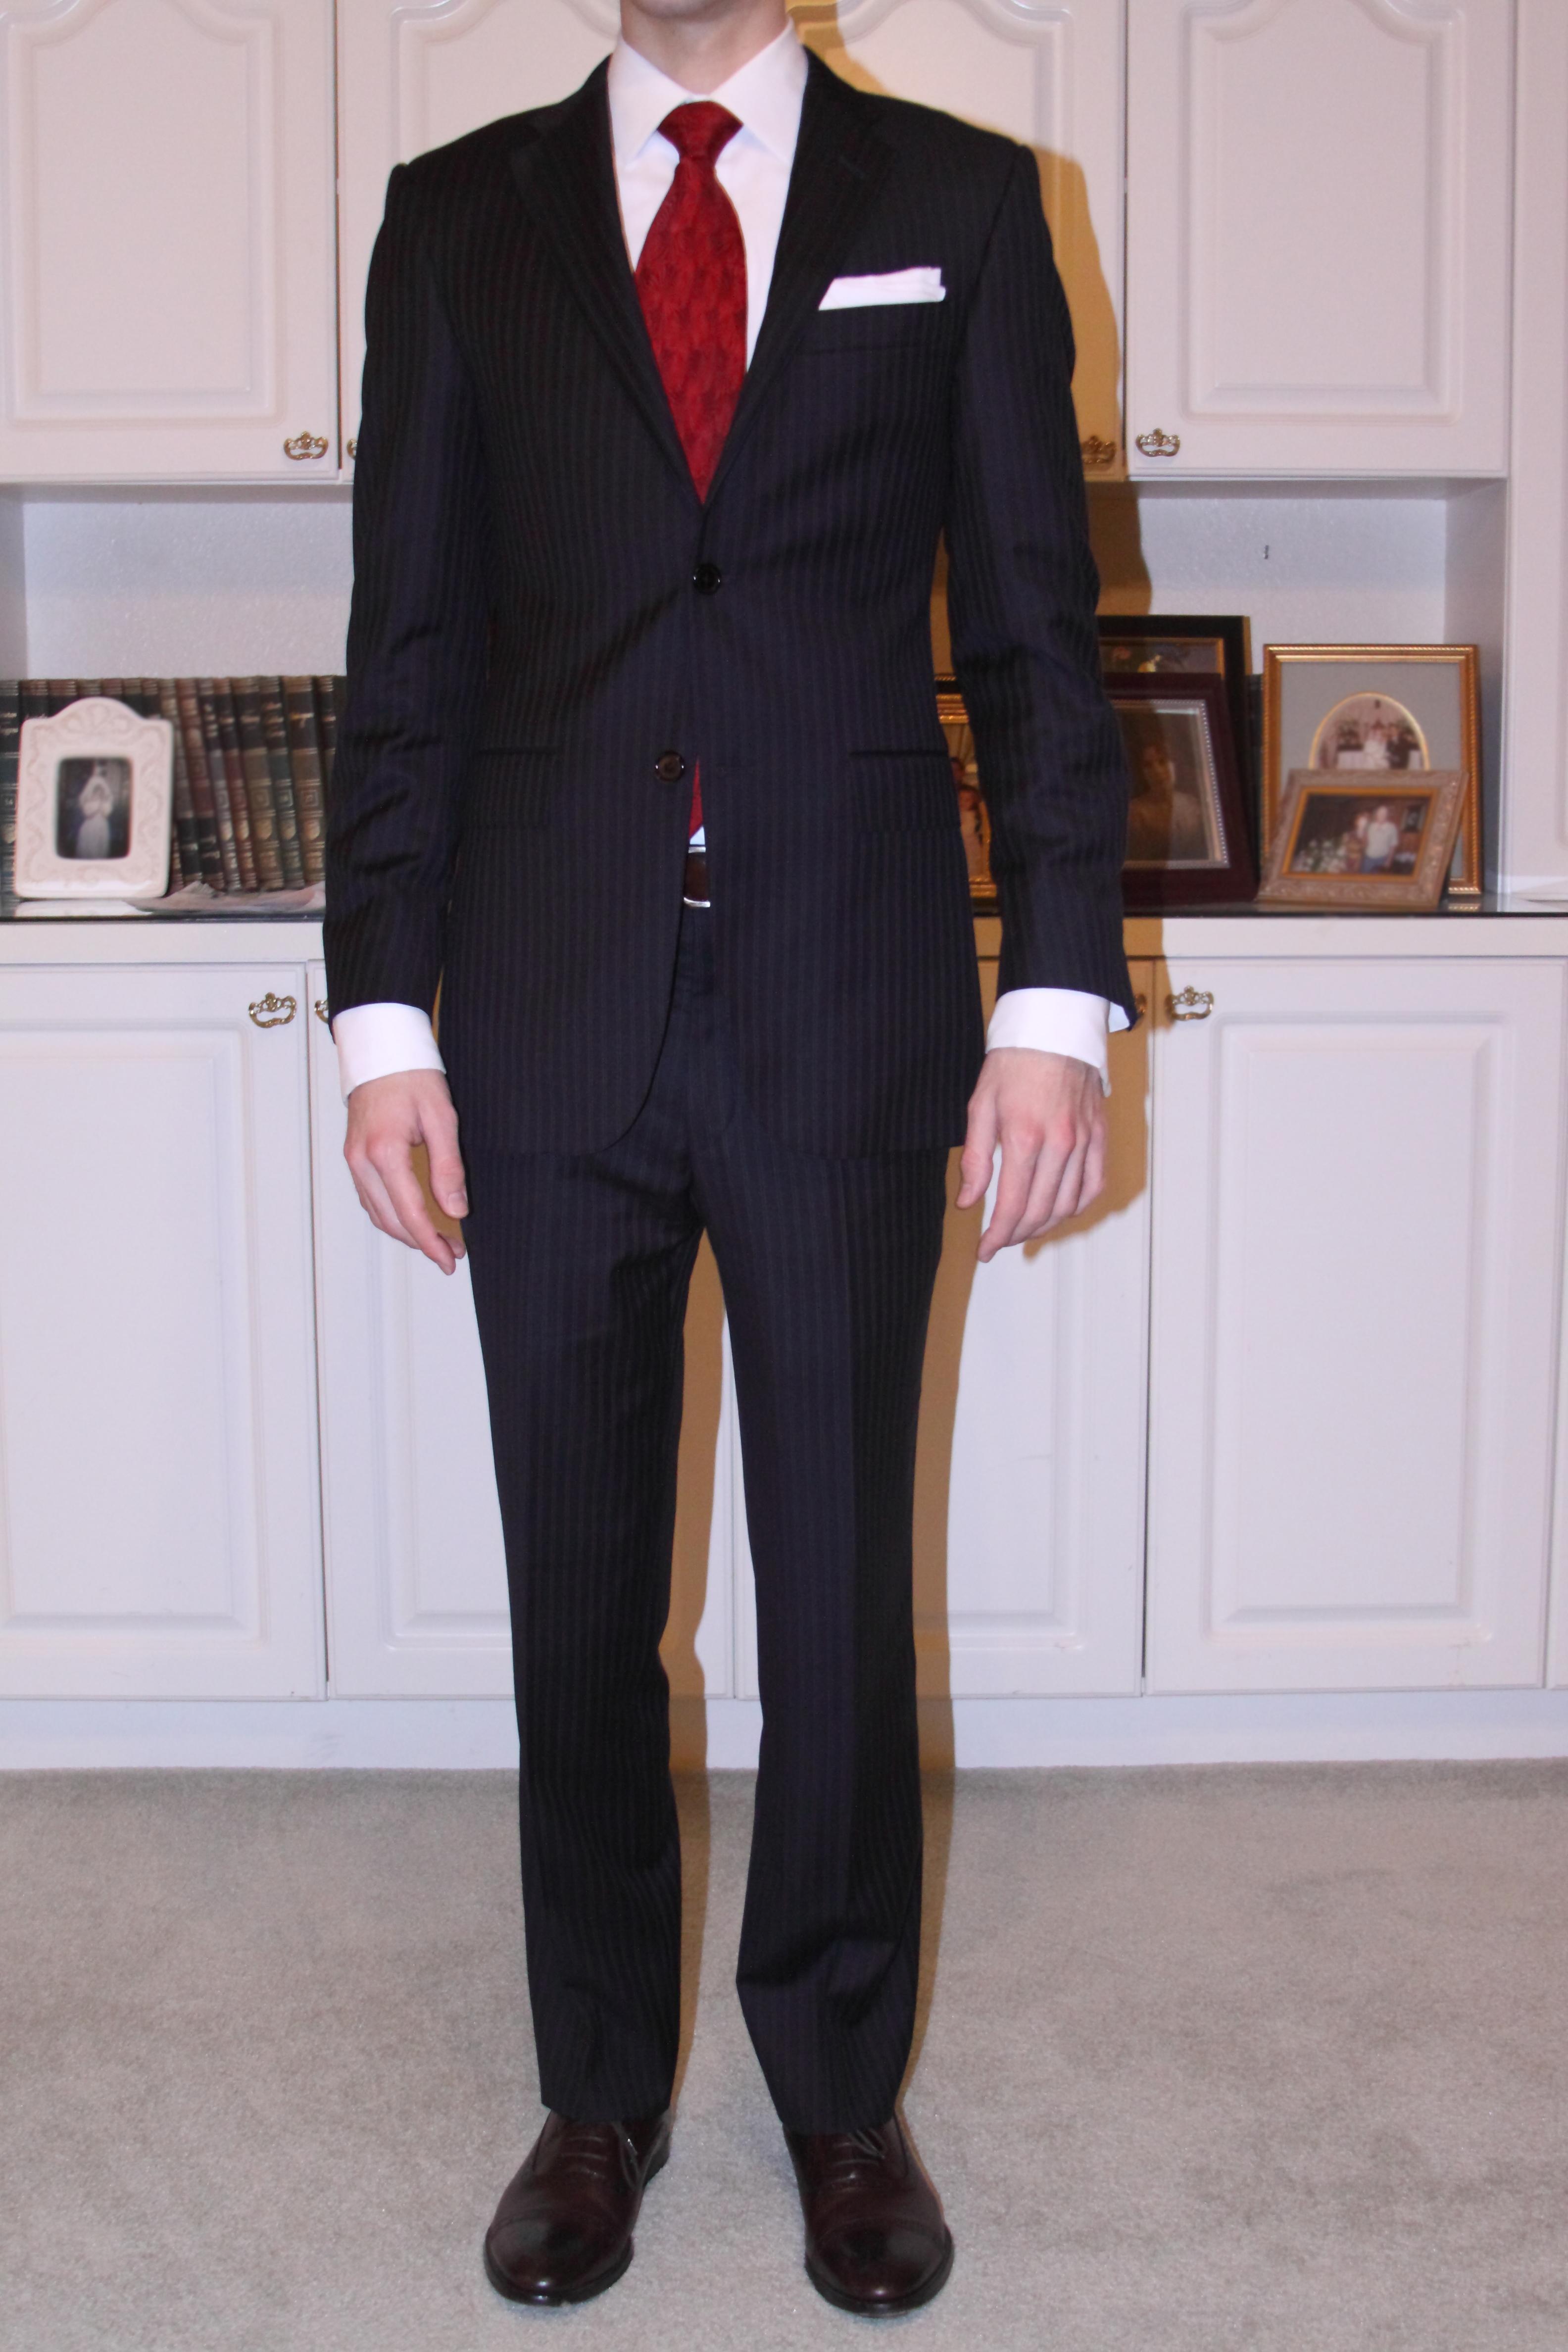 2011-12-17_007.JPG